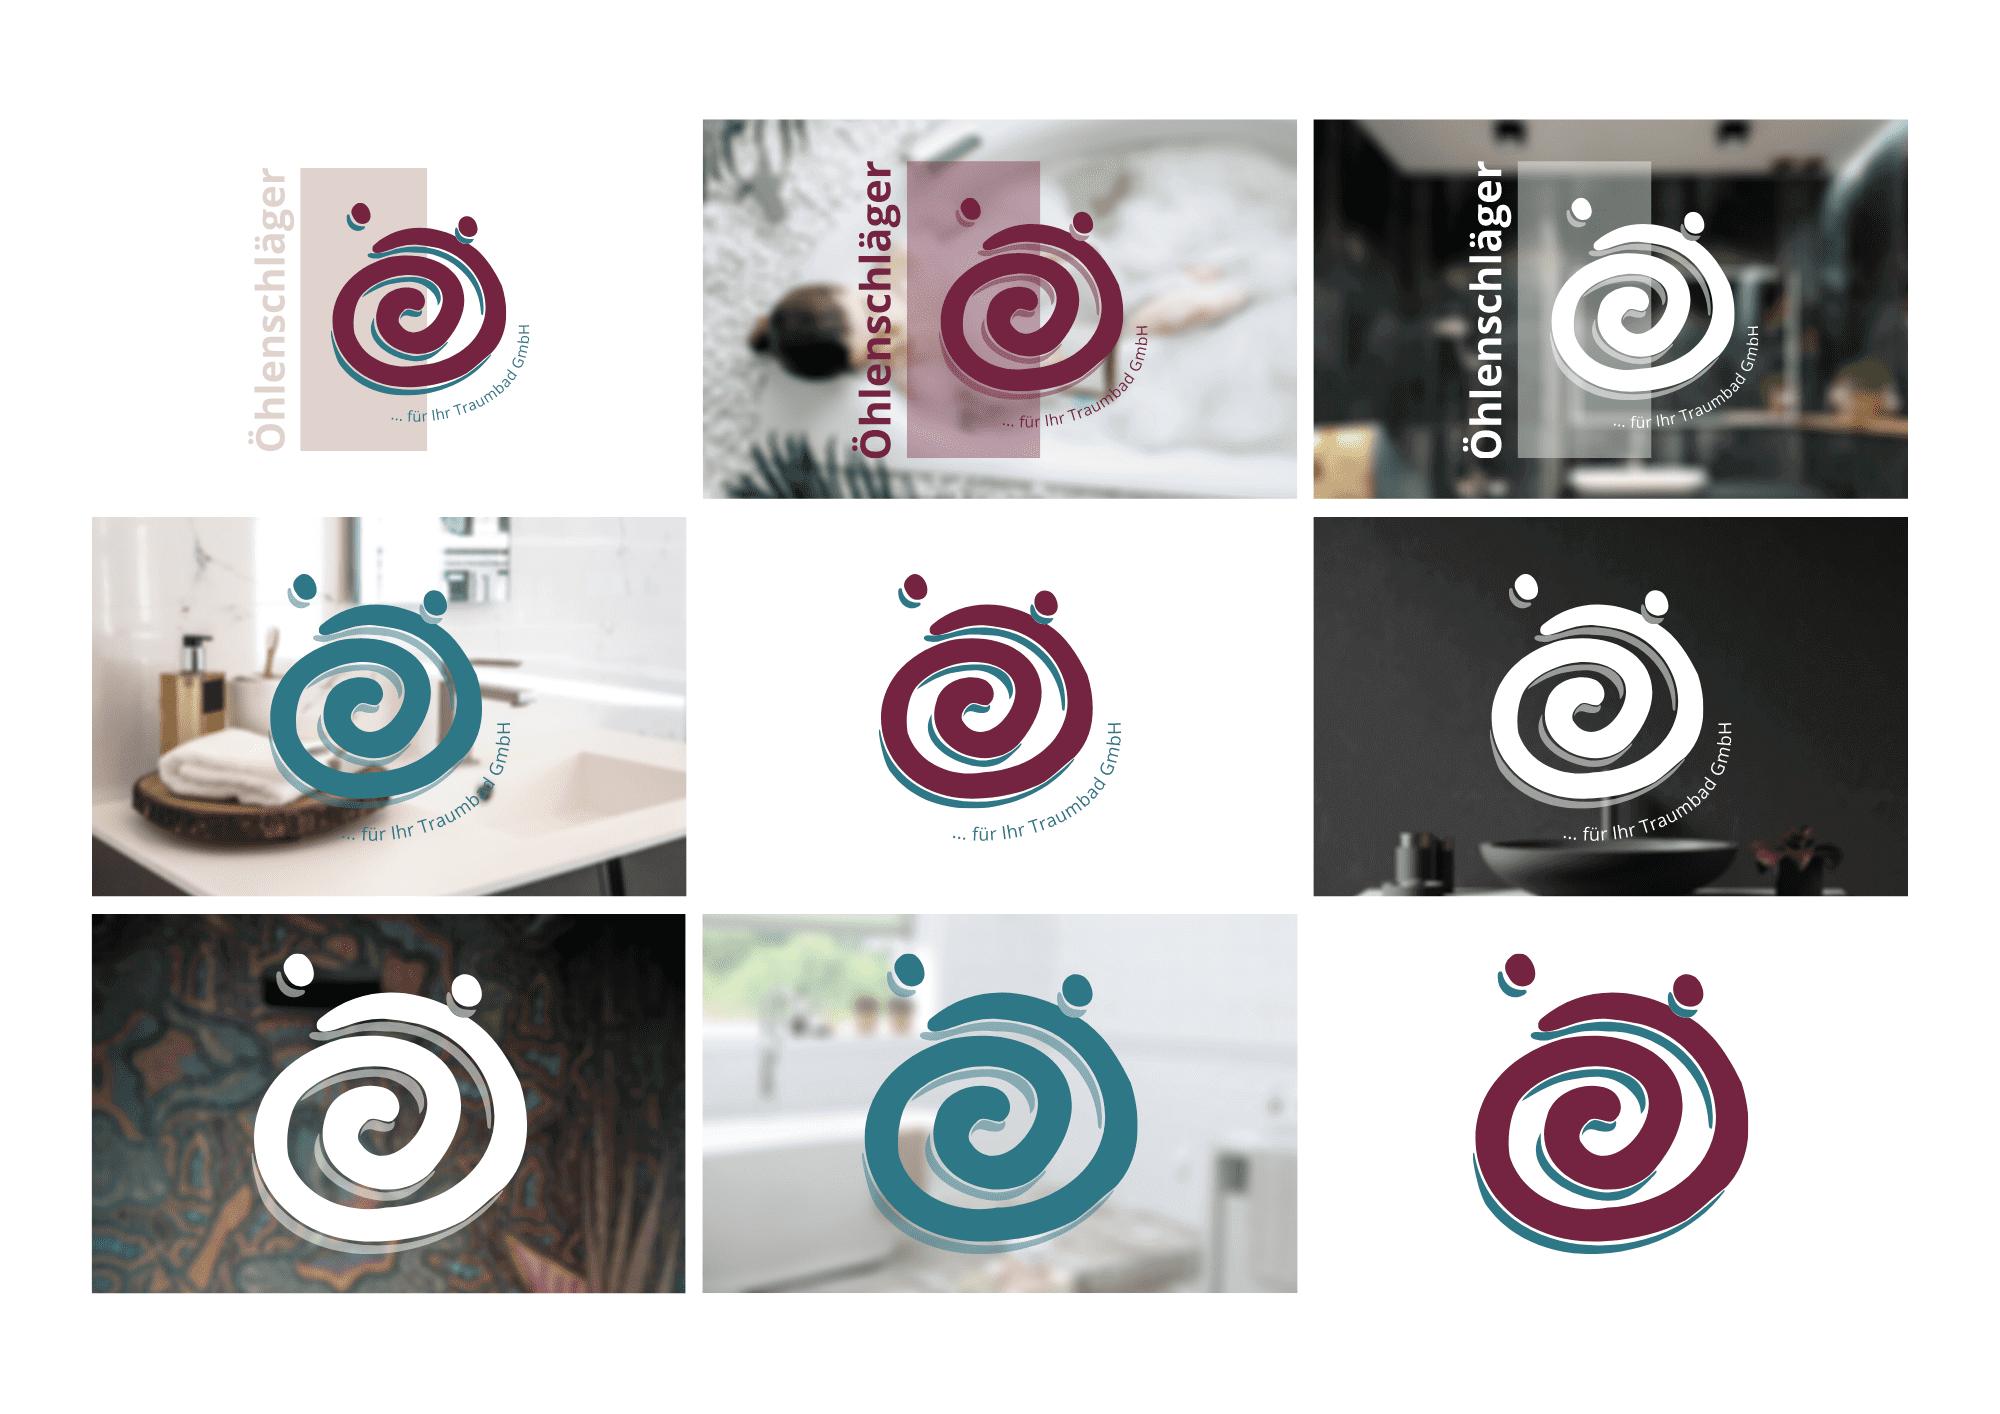 Bäderstudio Öhlenschläger Logovarianten